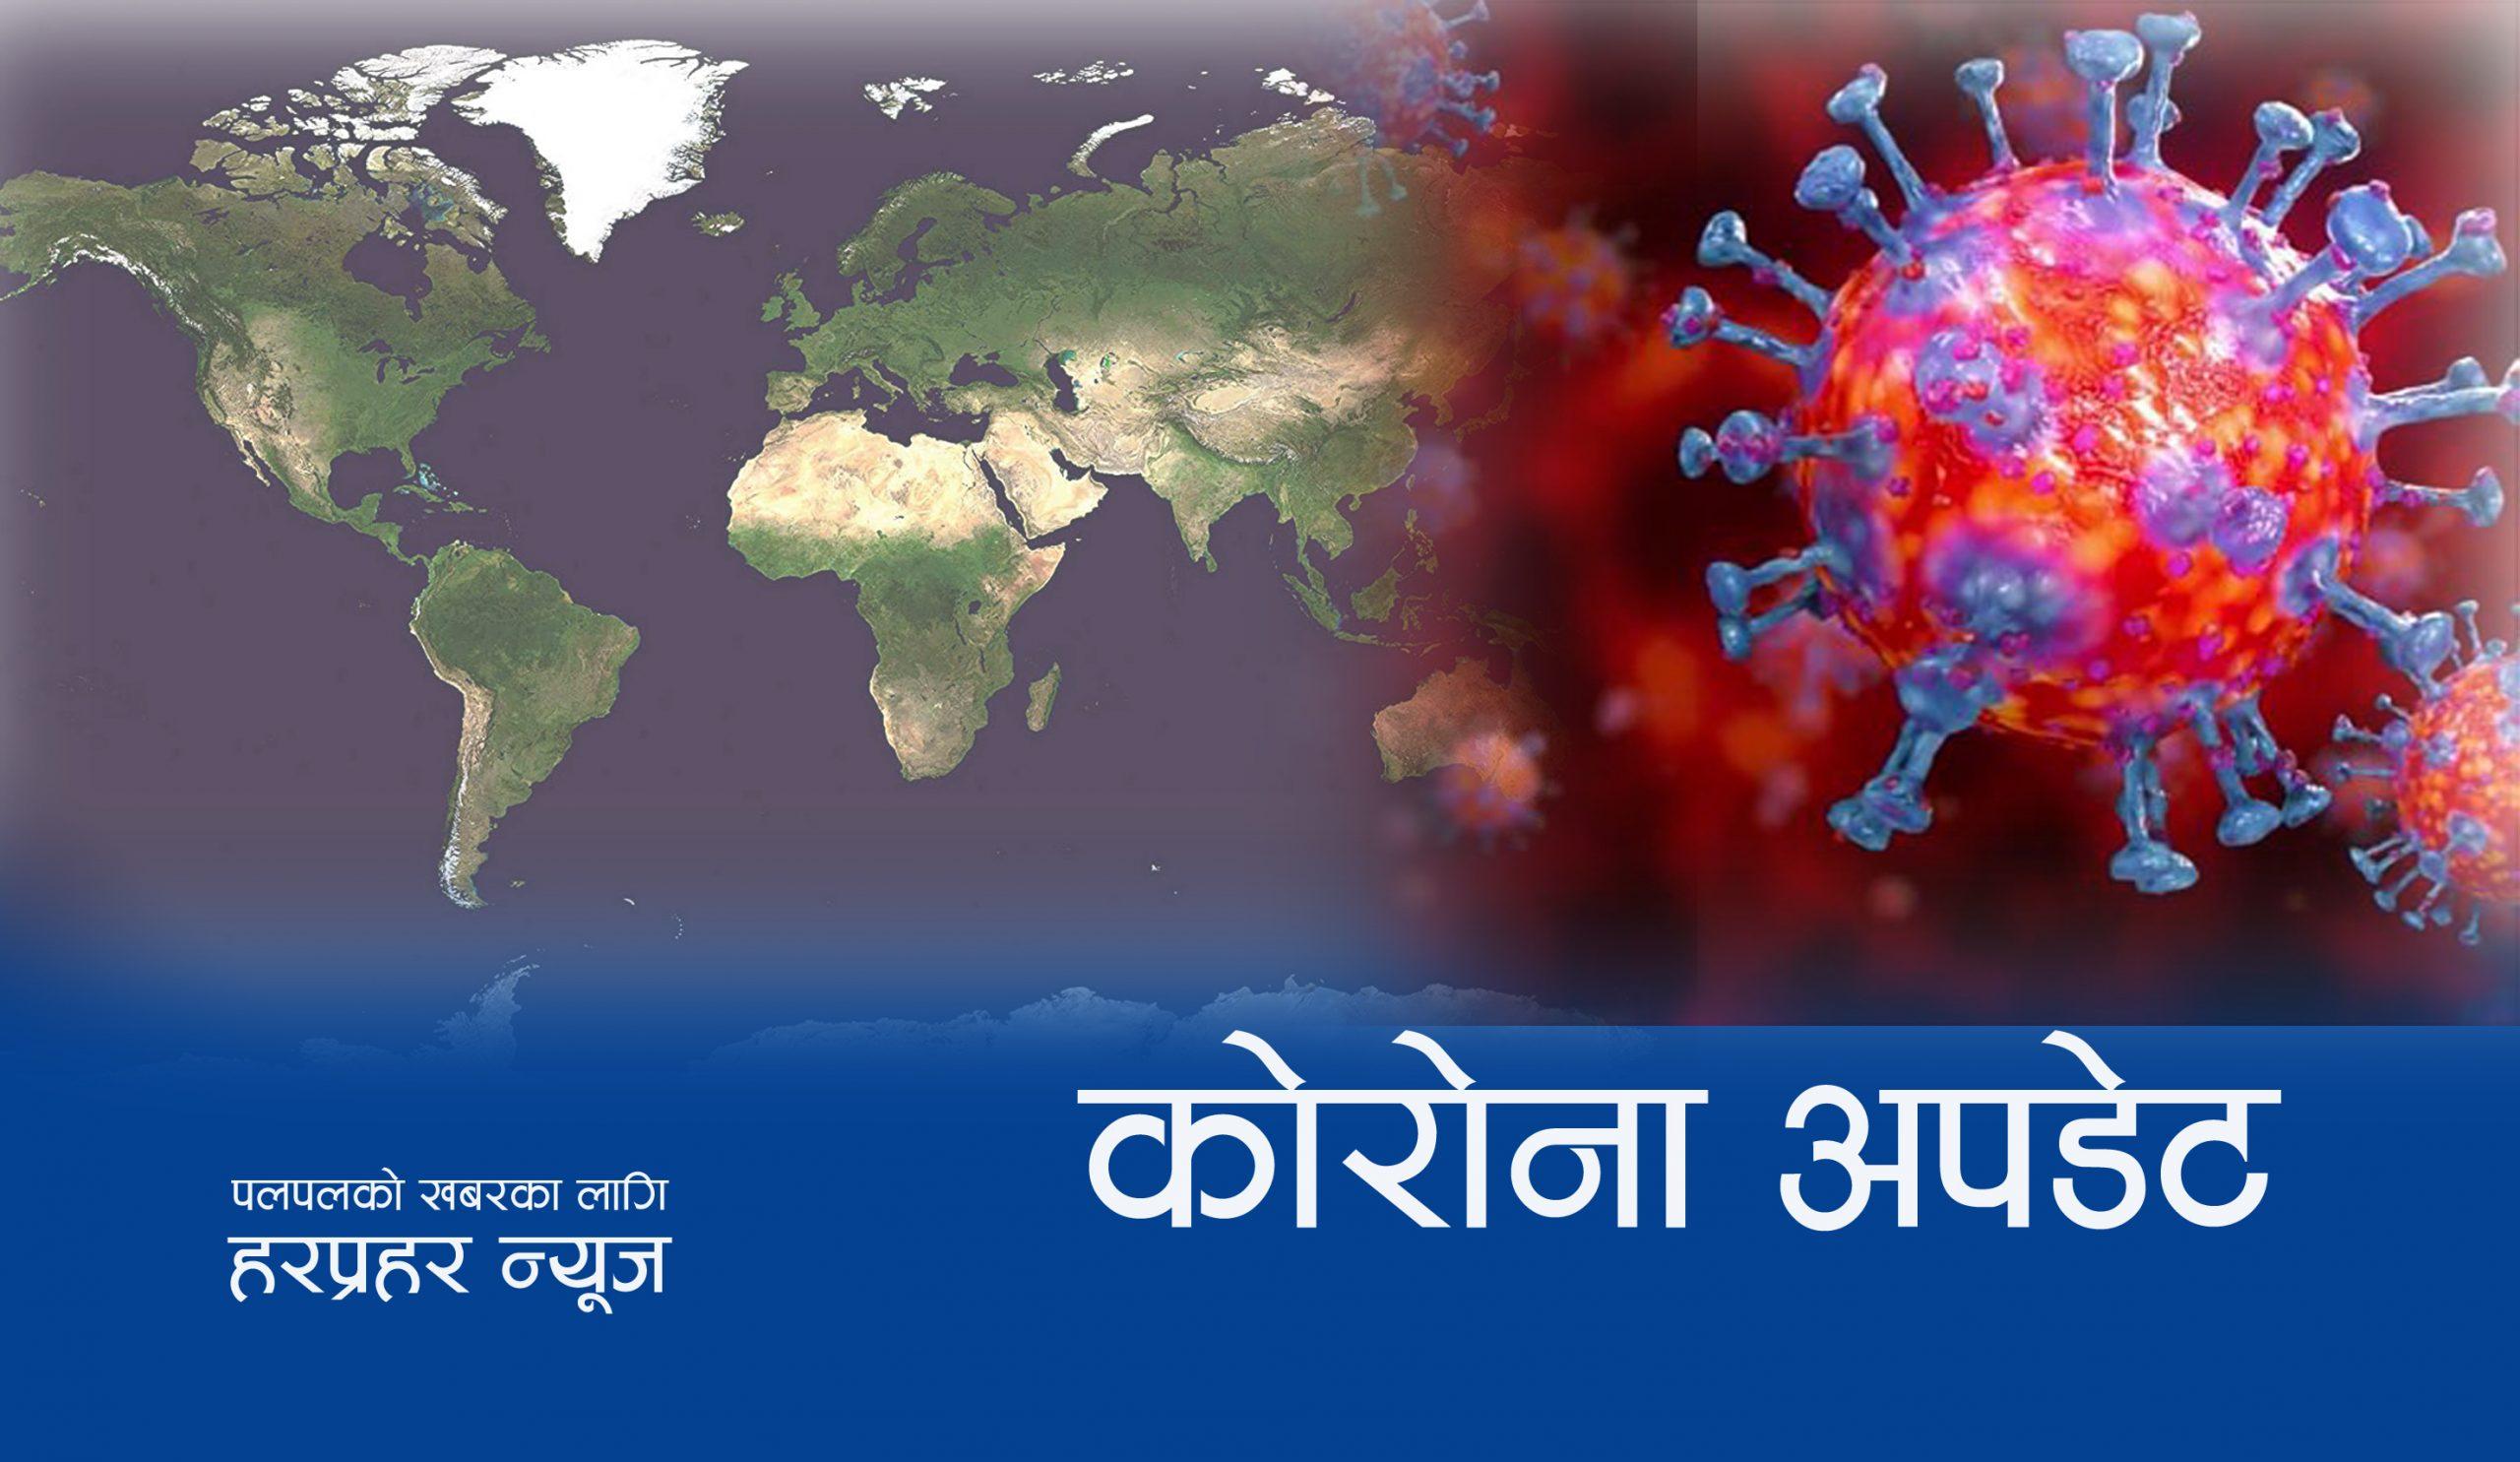 नेपालमा कोरोनाबाट थप २१ जनाको मृत्यु,मृतक संख्या ८१२ पुग्यो